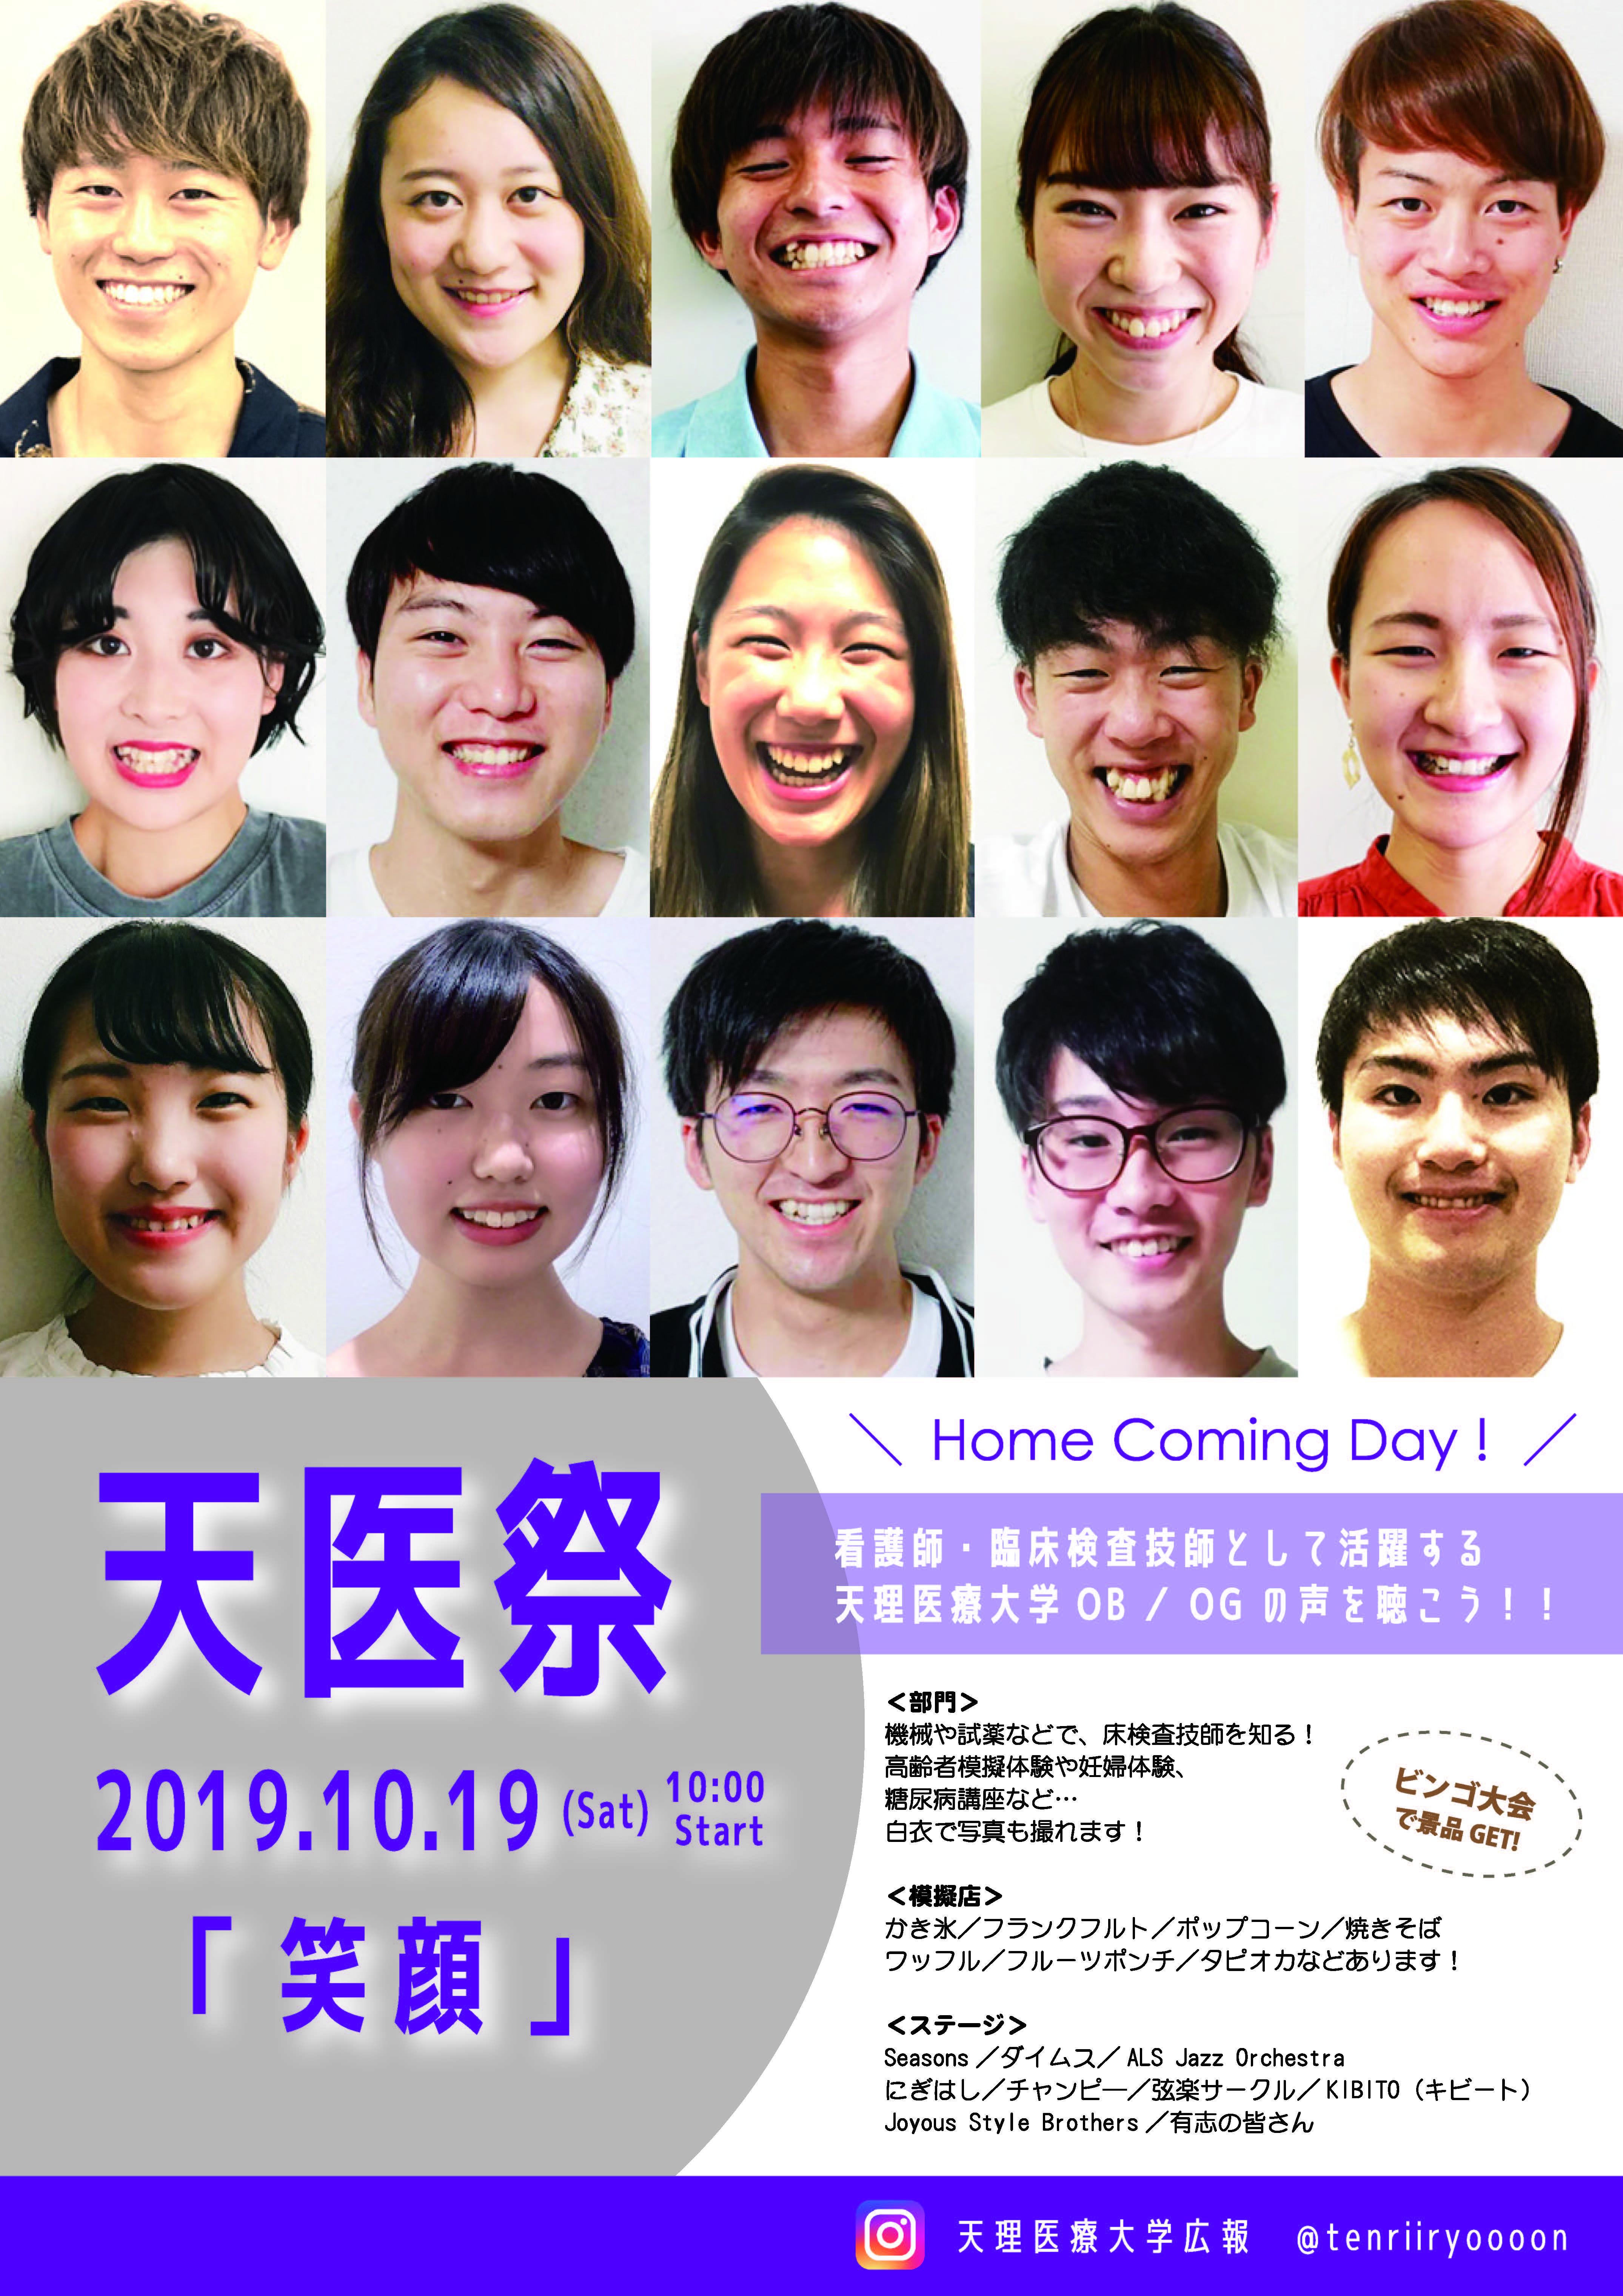 【10/19】天医祭(学園祭)の開催のお知らせ